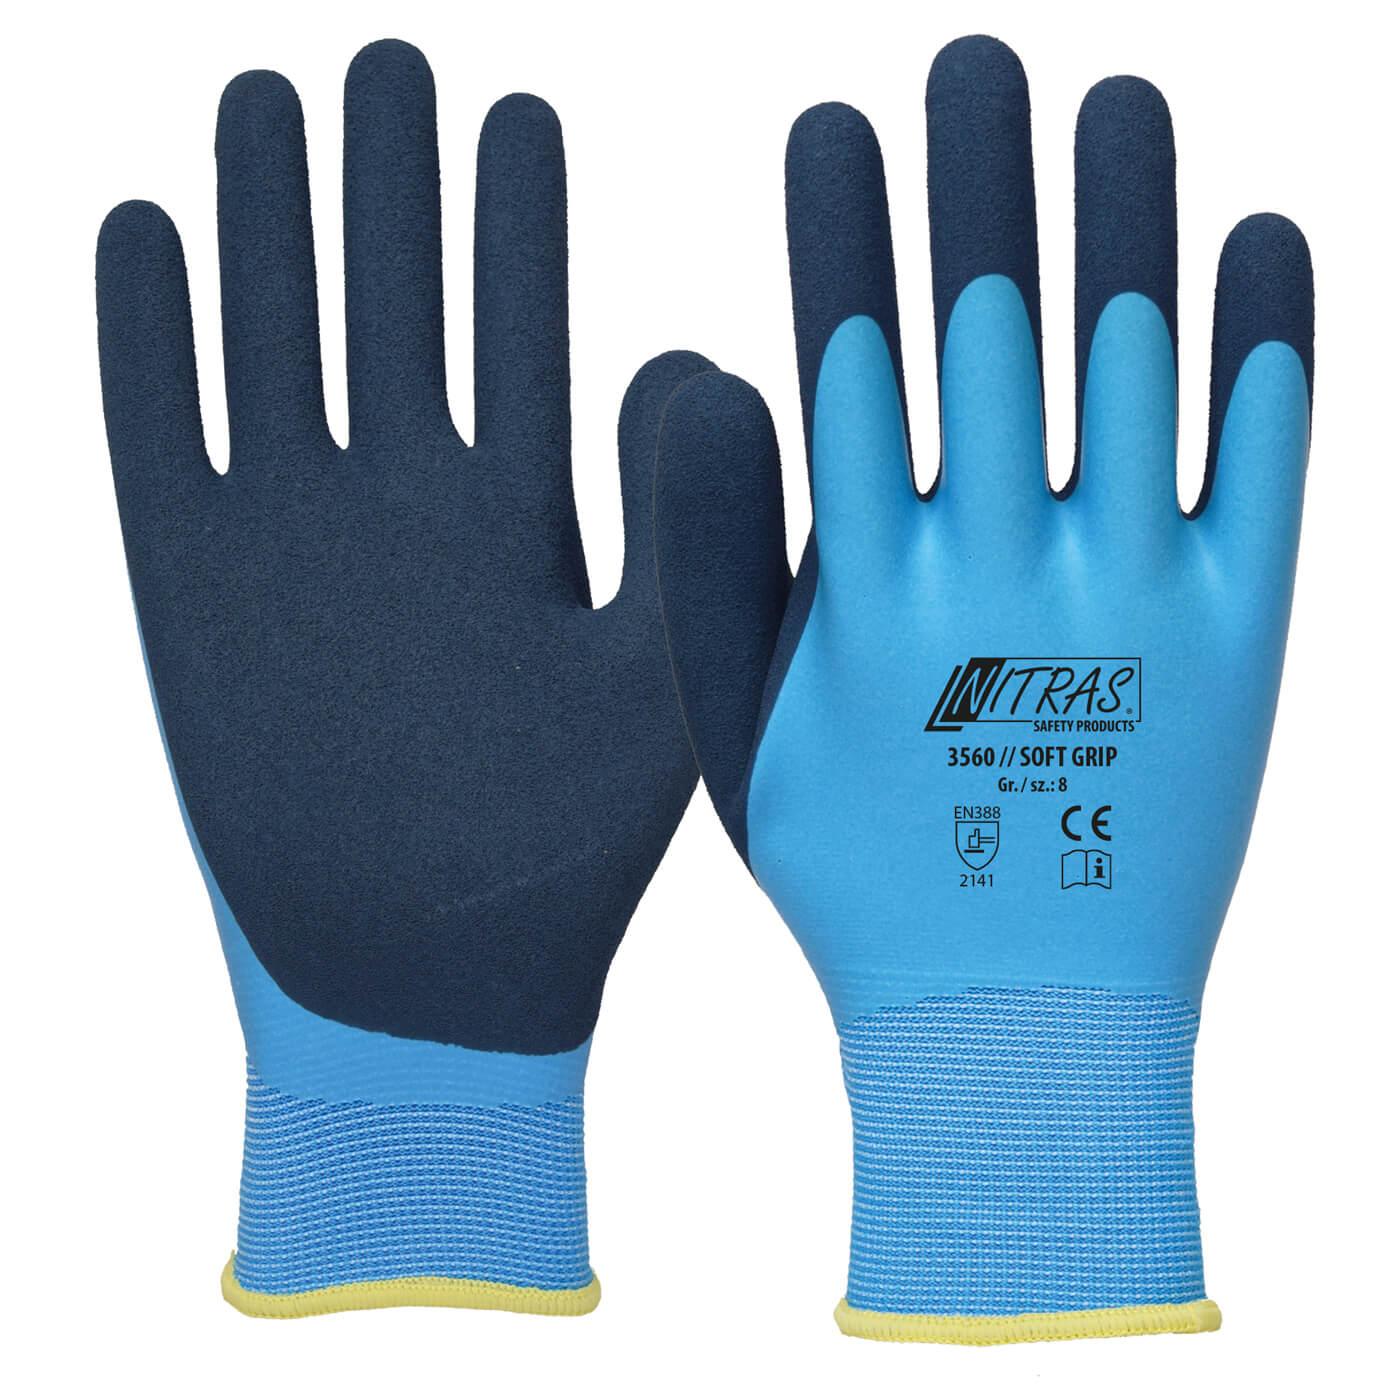 Rękawice montażowe Nitras 3560/ SOFT GRIP